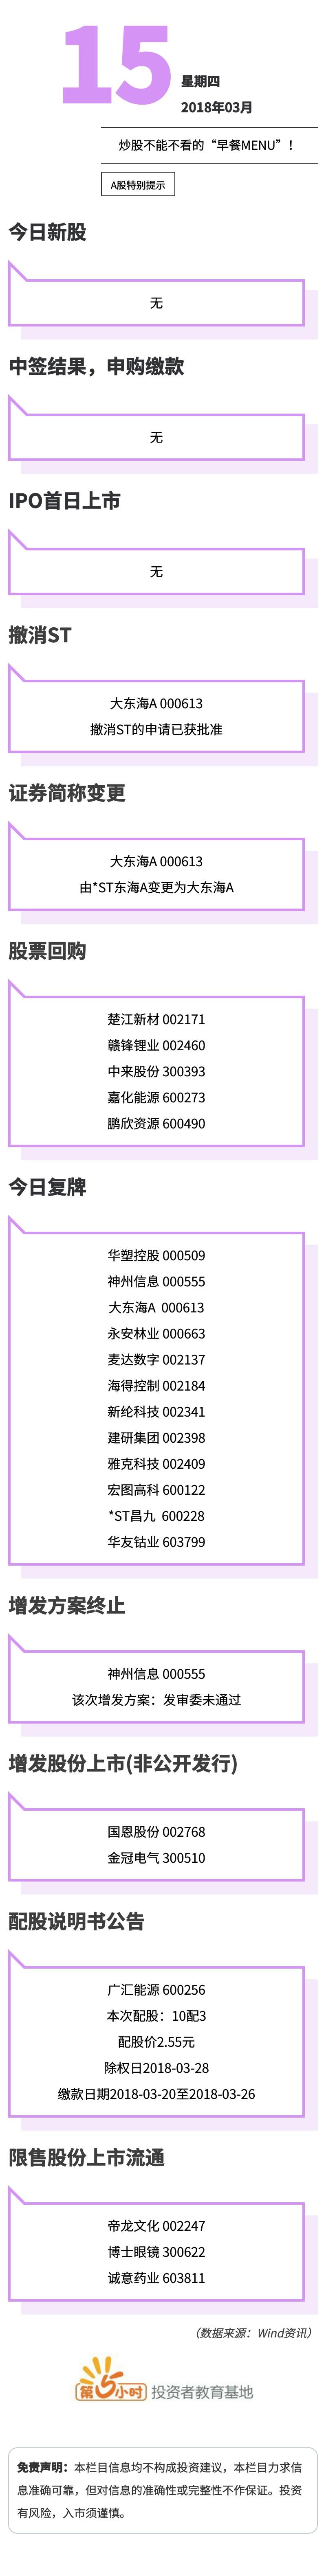 A股特别提示(2018-03-15).jpg